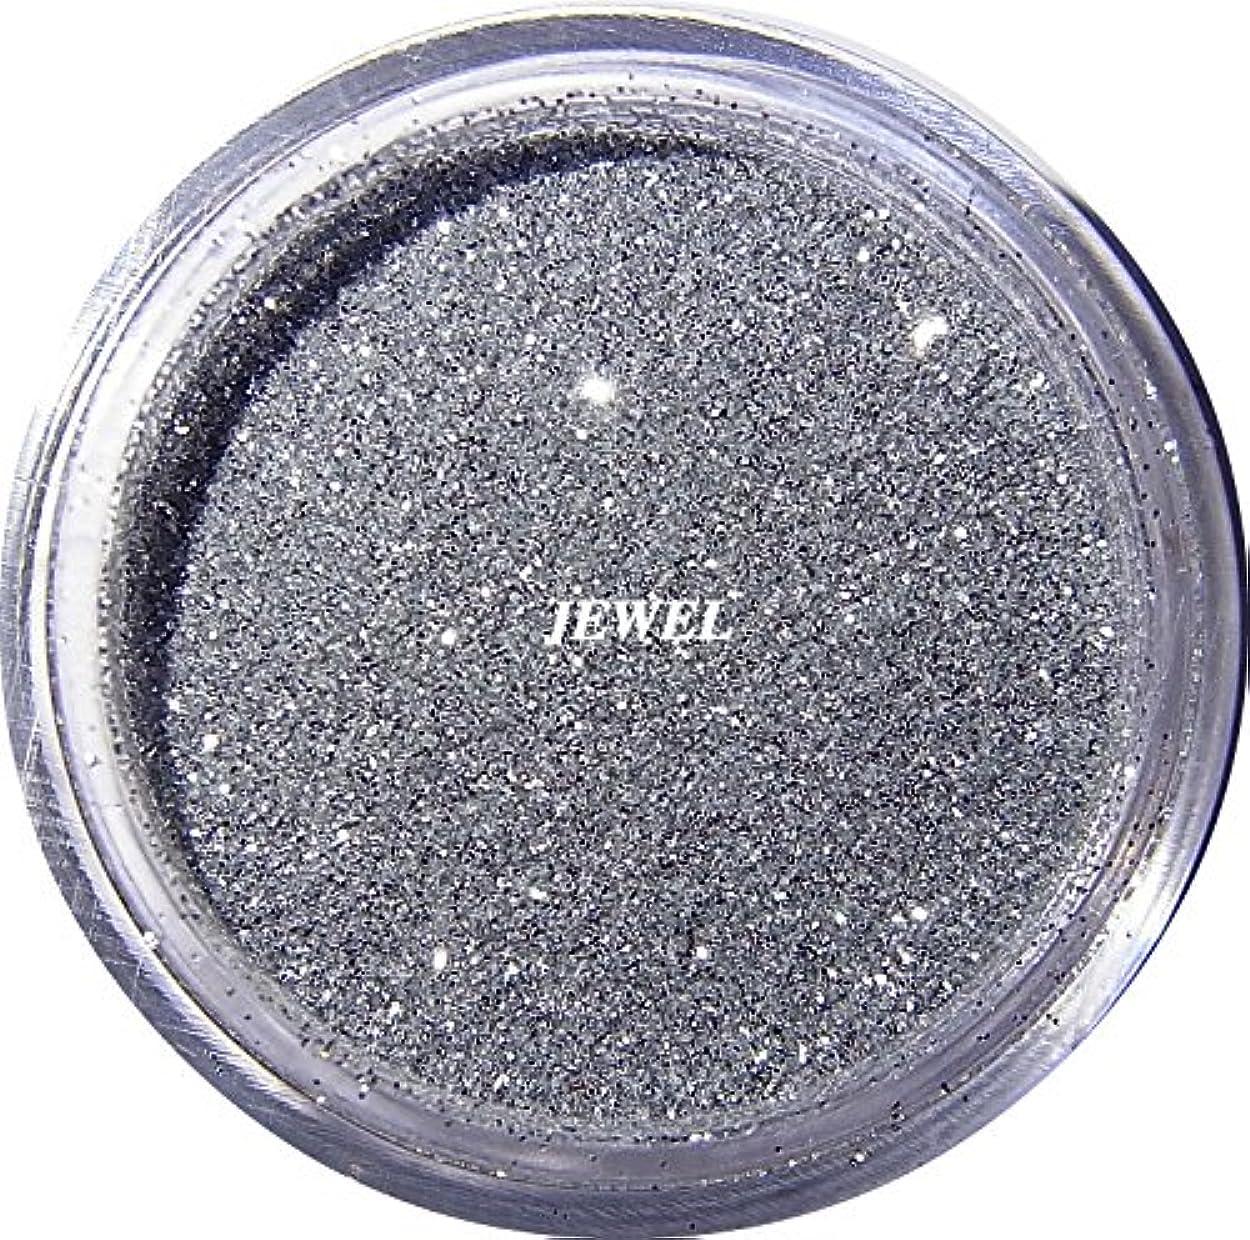 国際虚栄心恐れる【jewel】 超微粒子ラメパウダー(銀/シルバー) 256/1サイズ 2g入り レジン&ネイル用 グリッター